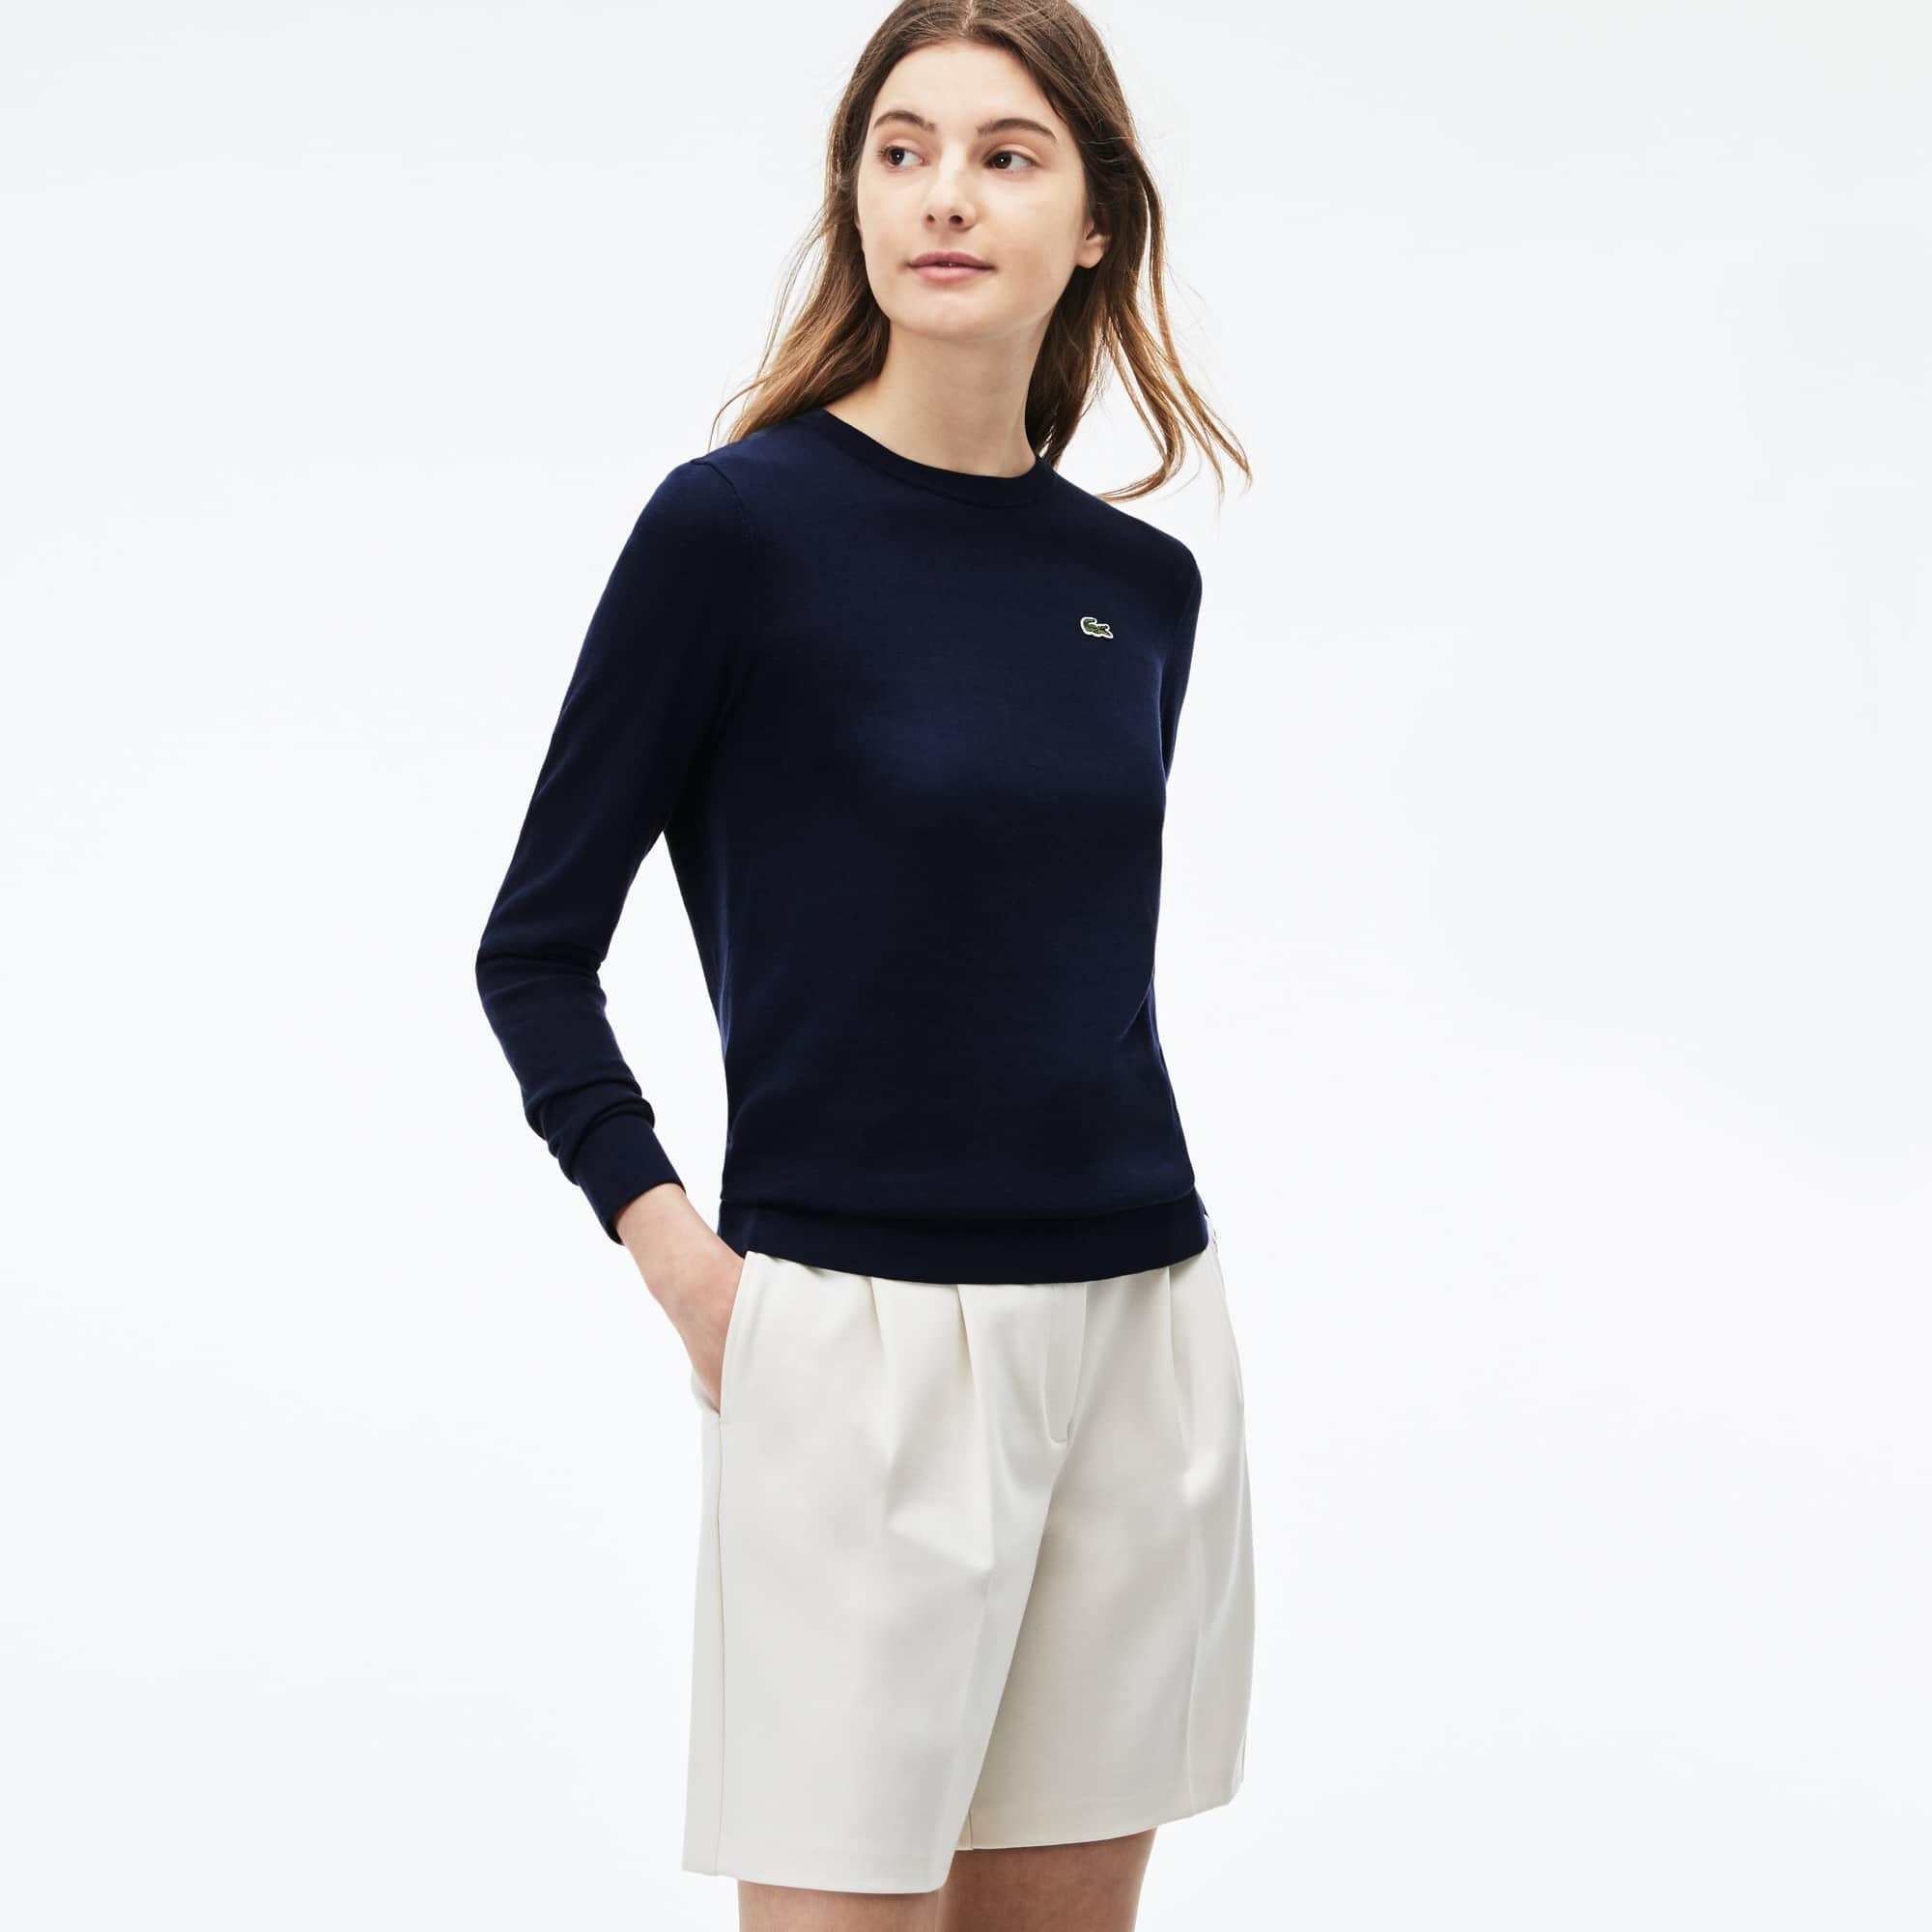 Camisola decote rente ao pescoço em jersey de algodão às riscas